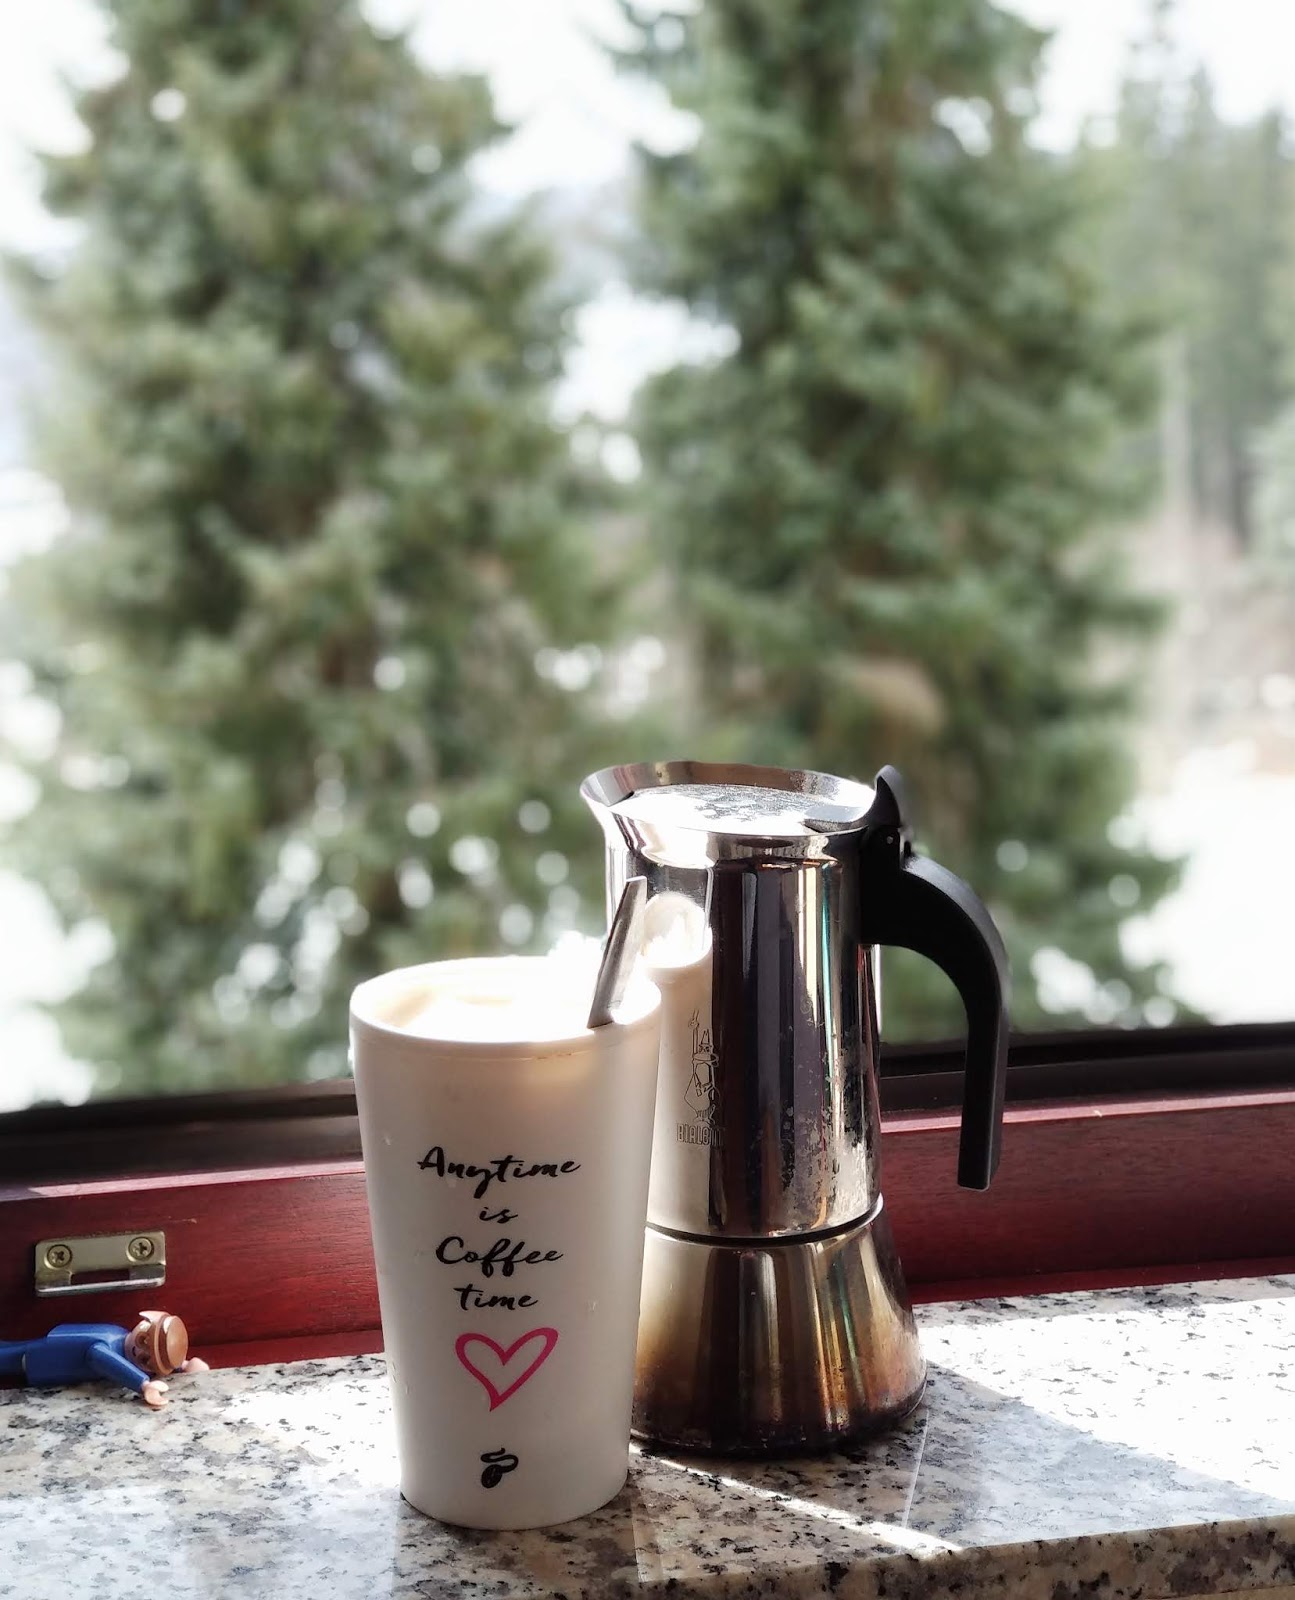 Erstmal einen Kaffee kochen, der Rest ergibt sich dann von selbst